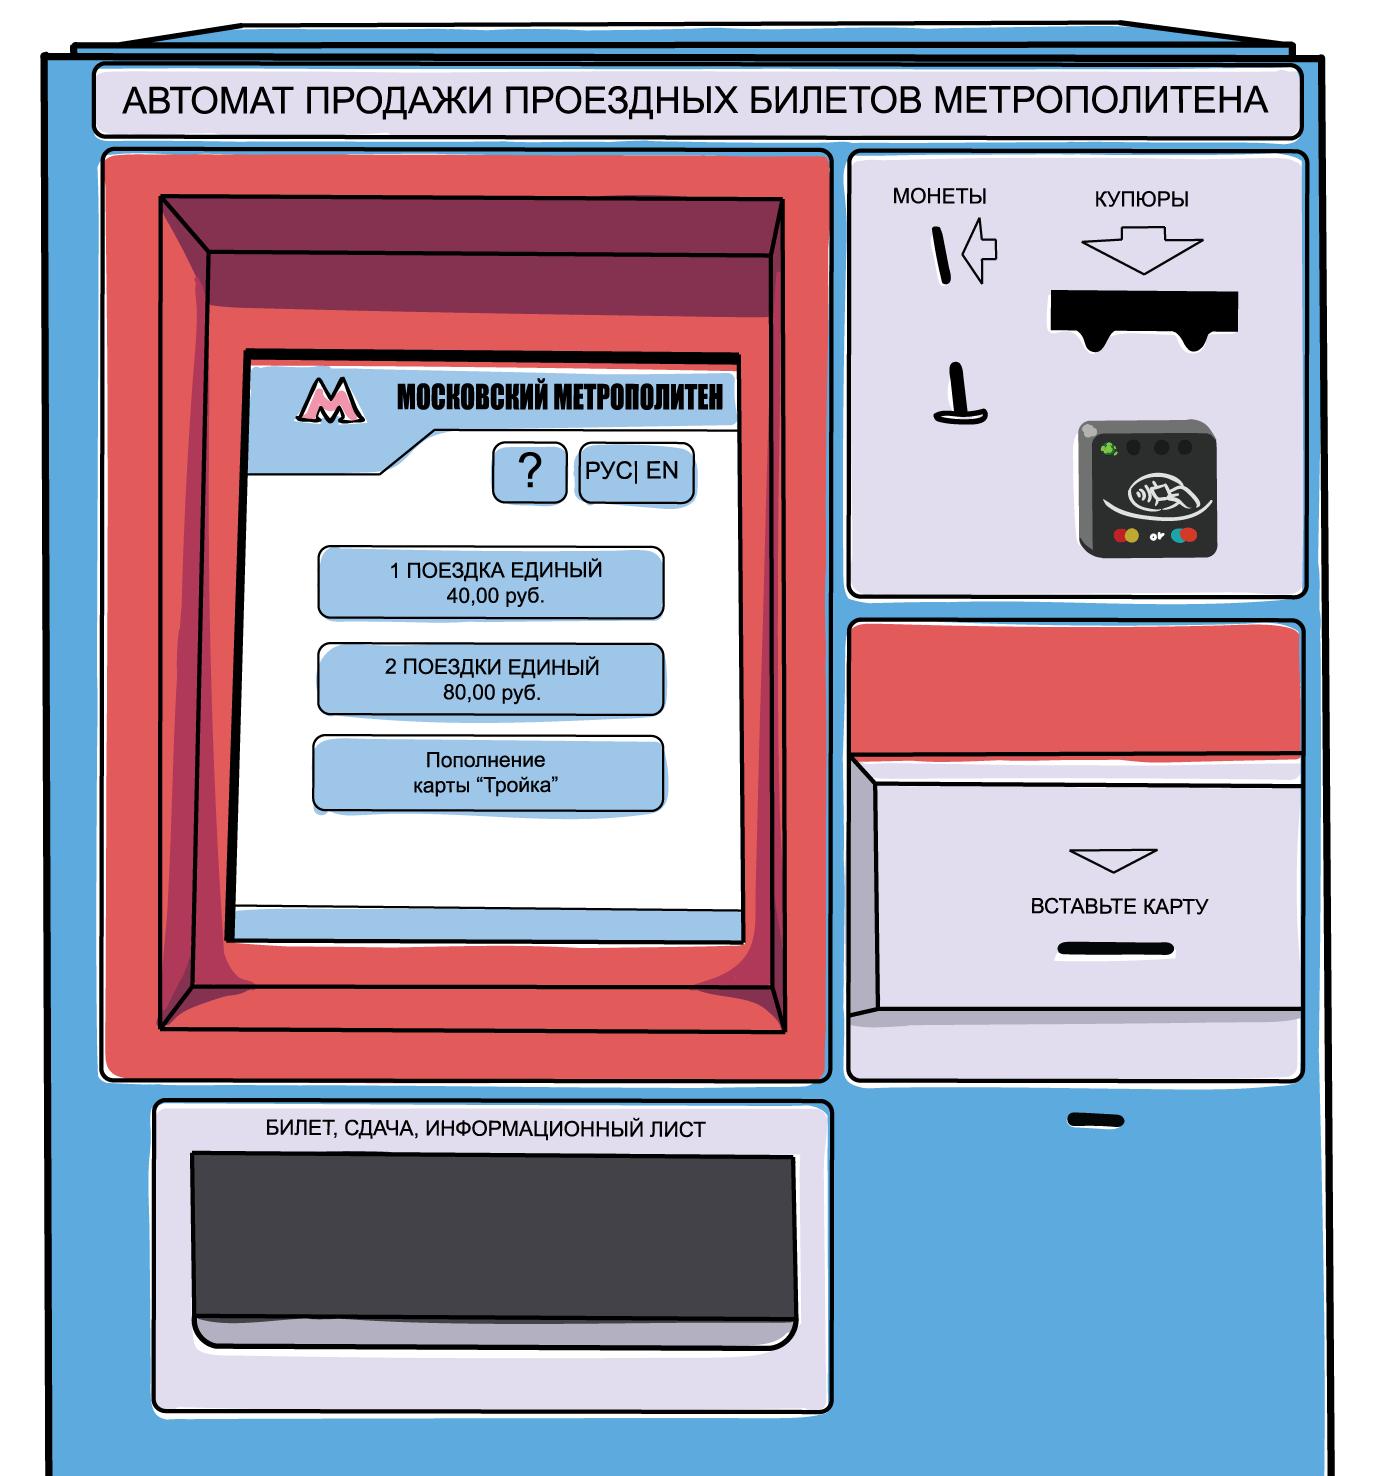 Автомат продажи билетов метро